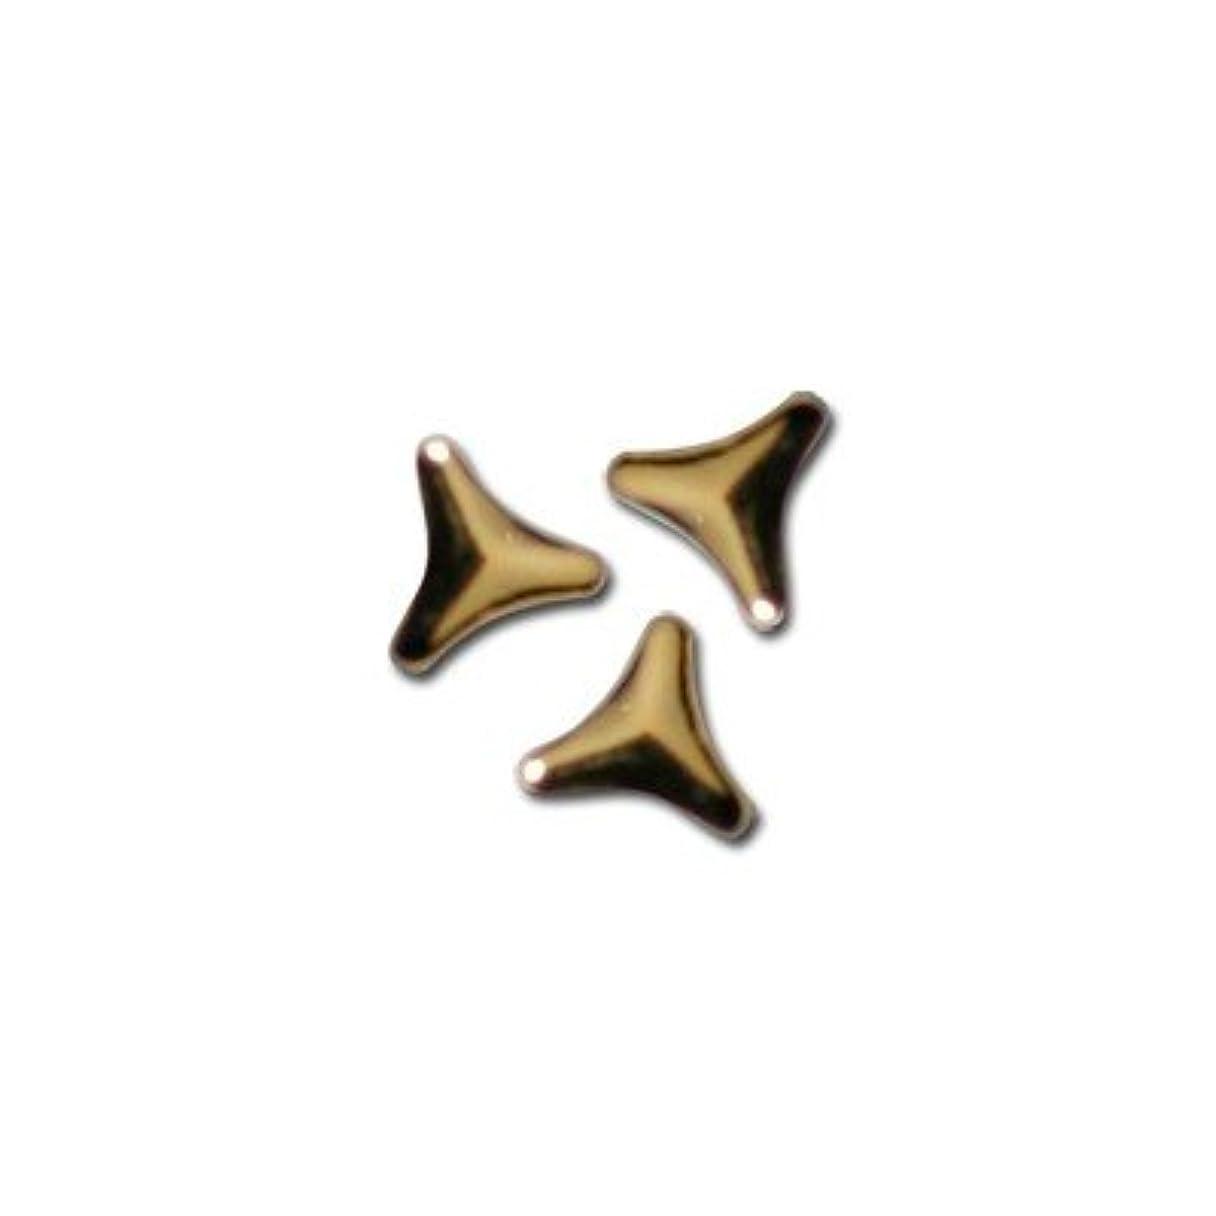 操作可能取り除く意欲ピアドラ スタッズ トライアングルマーク 2mm 50P ゴールド